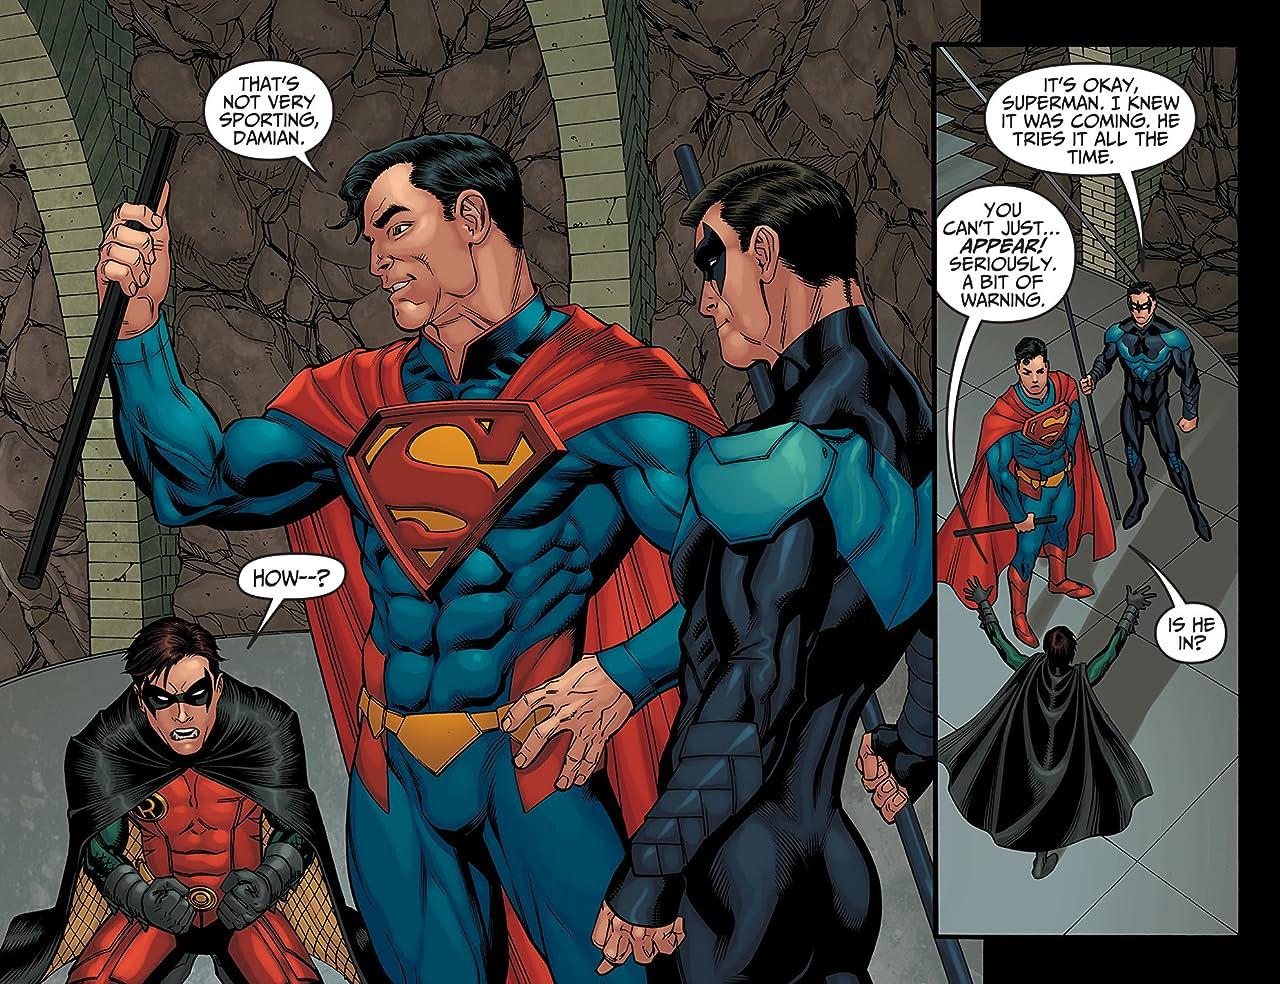 Injustice: Gods Among Us (2013) #10